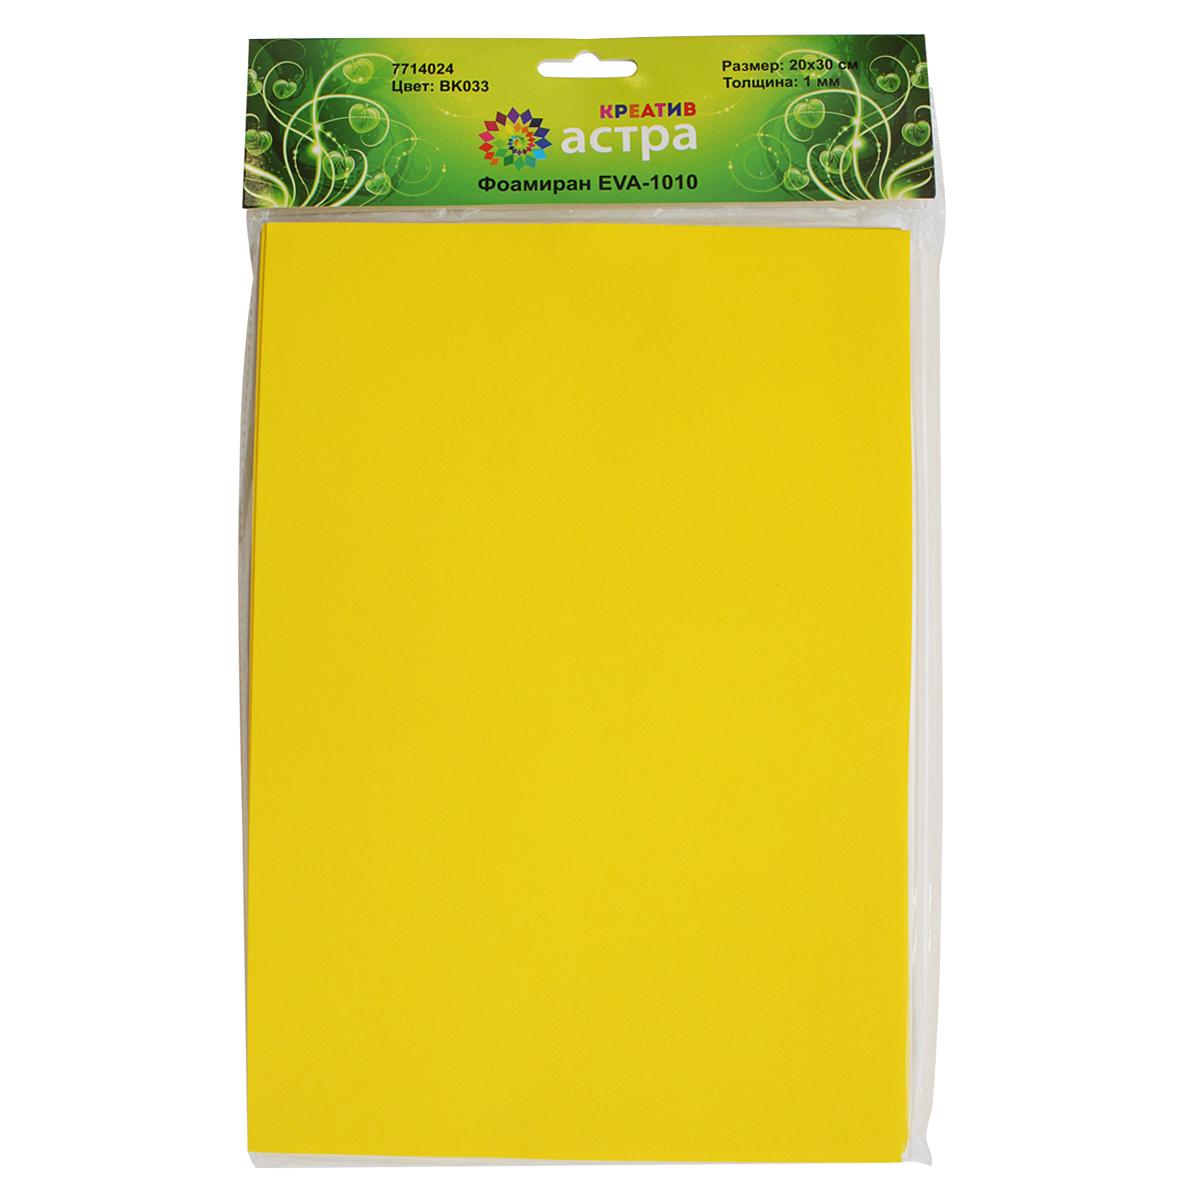 Фоамиран Астра, цвет: желтый, 20 х 30 см, 10 штC0038550Фоамиран Астра - это пластичная замша, ее можно применить для создания разнообразного вида декора: открытки, магнитики, цветы, забавные игрушки и т.д. Главная особенность материала фоамиран заключается в его способности к незначительному растяжению, которого вполне достаточно для «запоминания» изделием своей формы.На ощупь мягкая синтетическая замша очень приятна и податлива, поэтому работать с ней не составит труда даже начинающему.Размер ткани: 200 x 300 мм. В упаковке 10 штук.